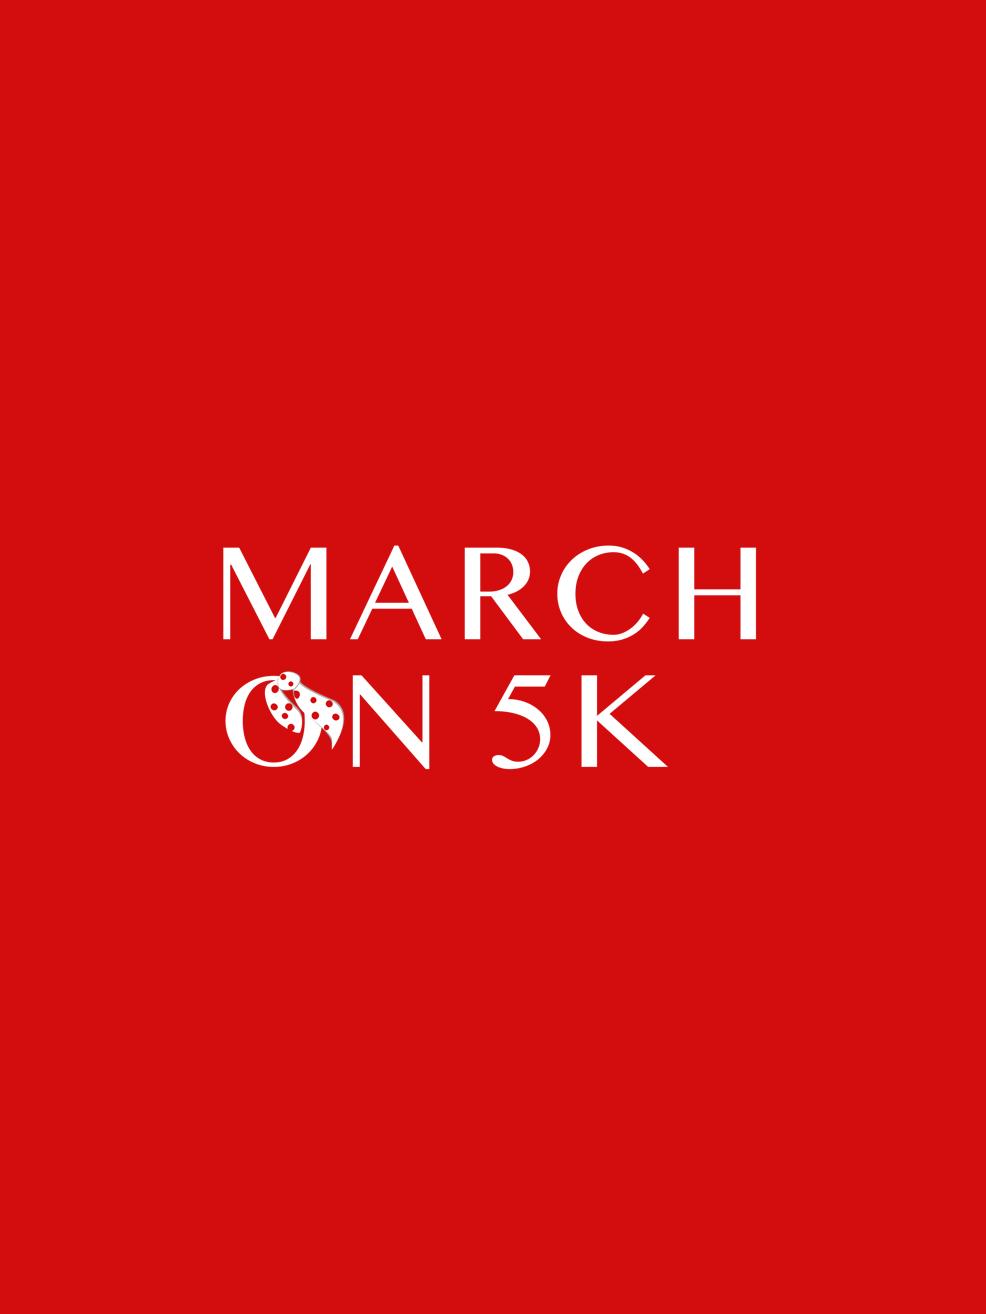 MarchOn_Vertical_02.png